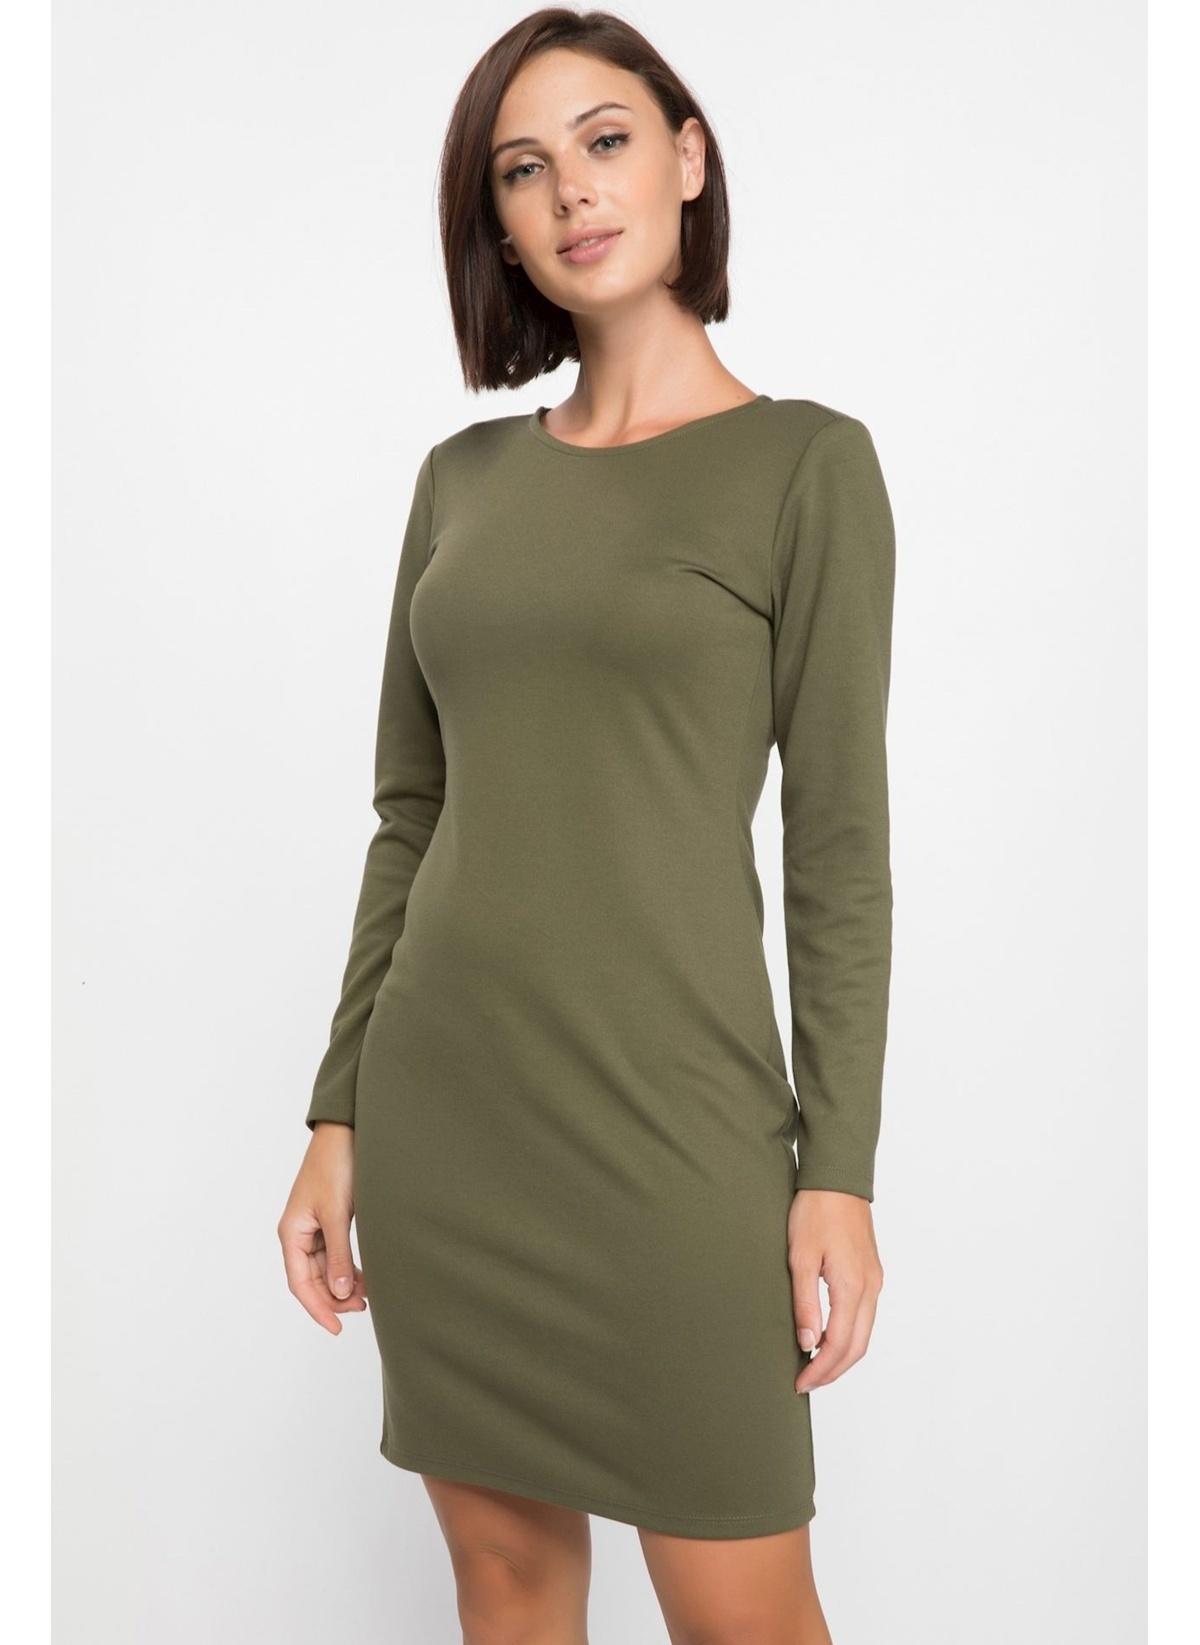 Defacto Uzun Kollu Basic Elbise J9518az18aukh215elbise – 29.99 TL